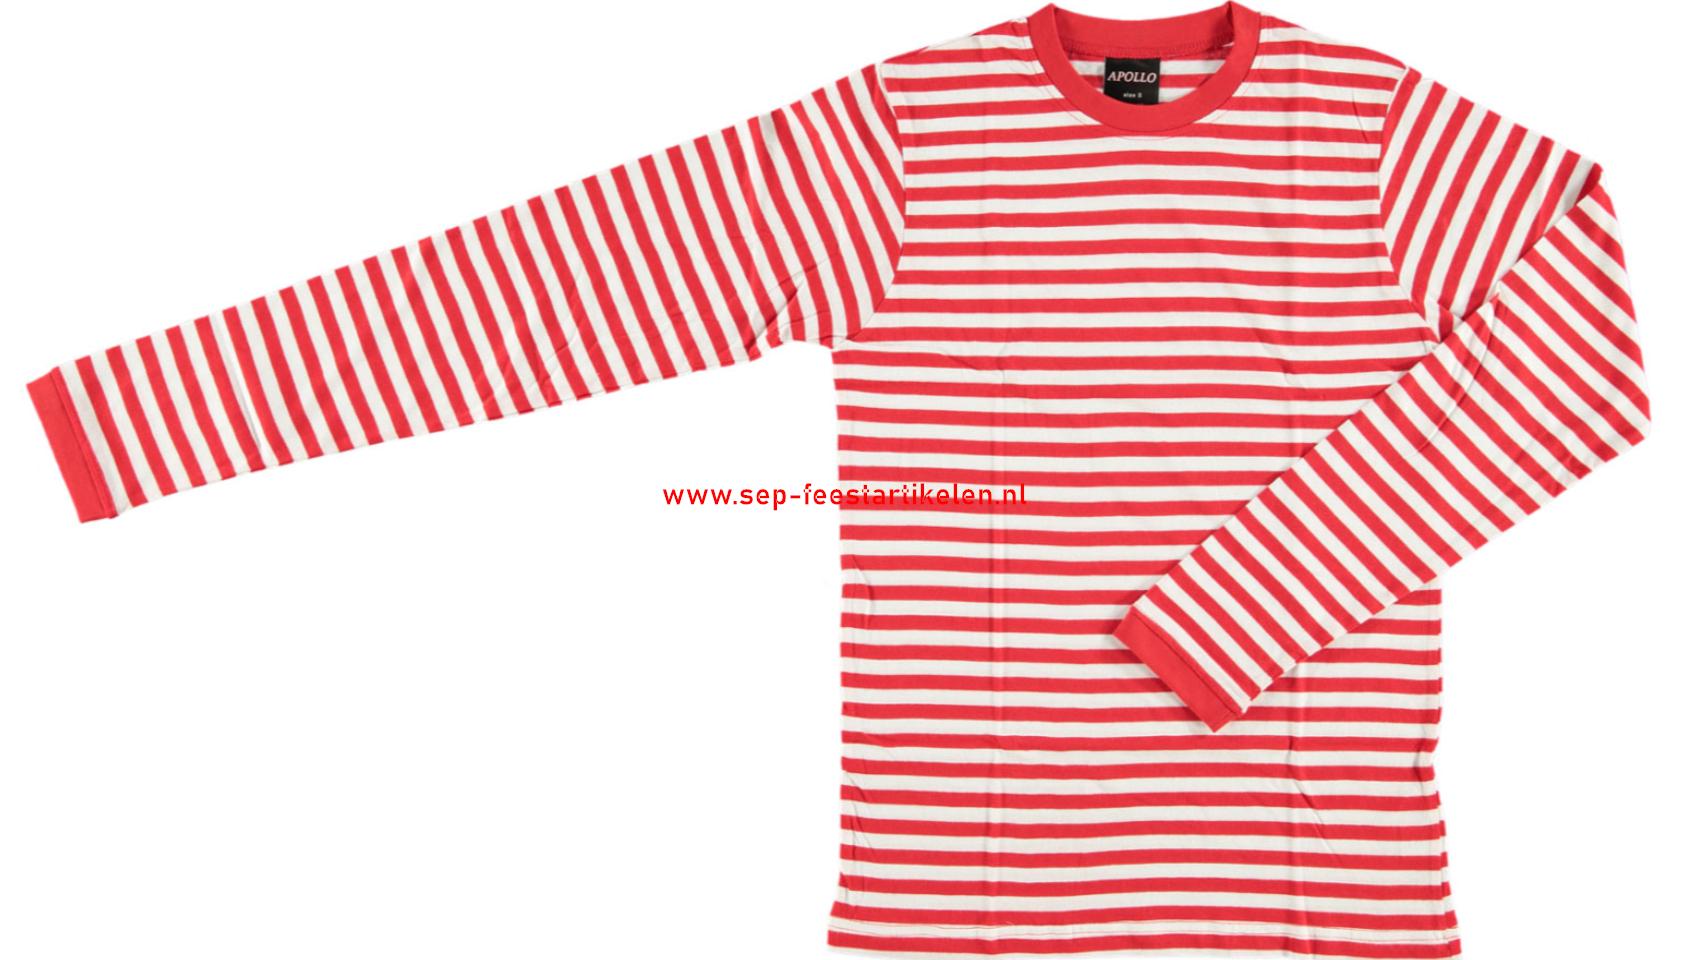 Dorus trui volwassenen rood wit Carnavalskleding goedkoop